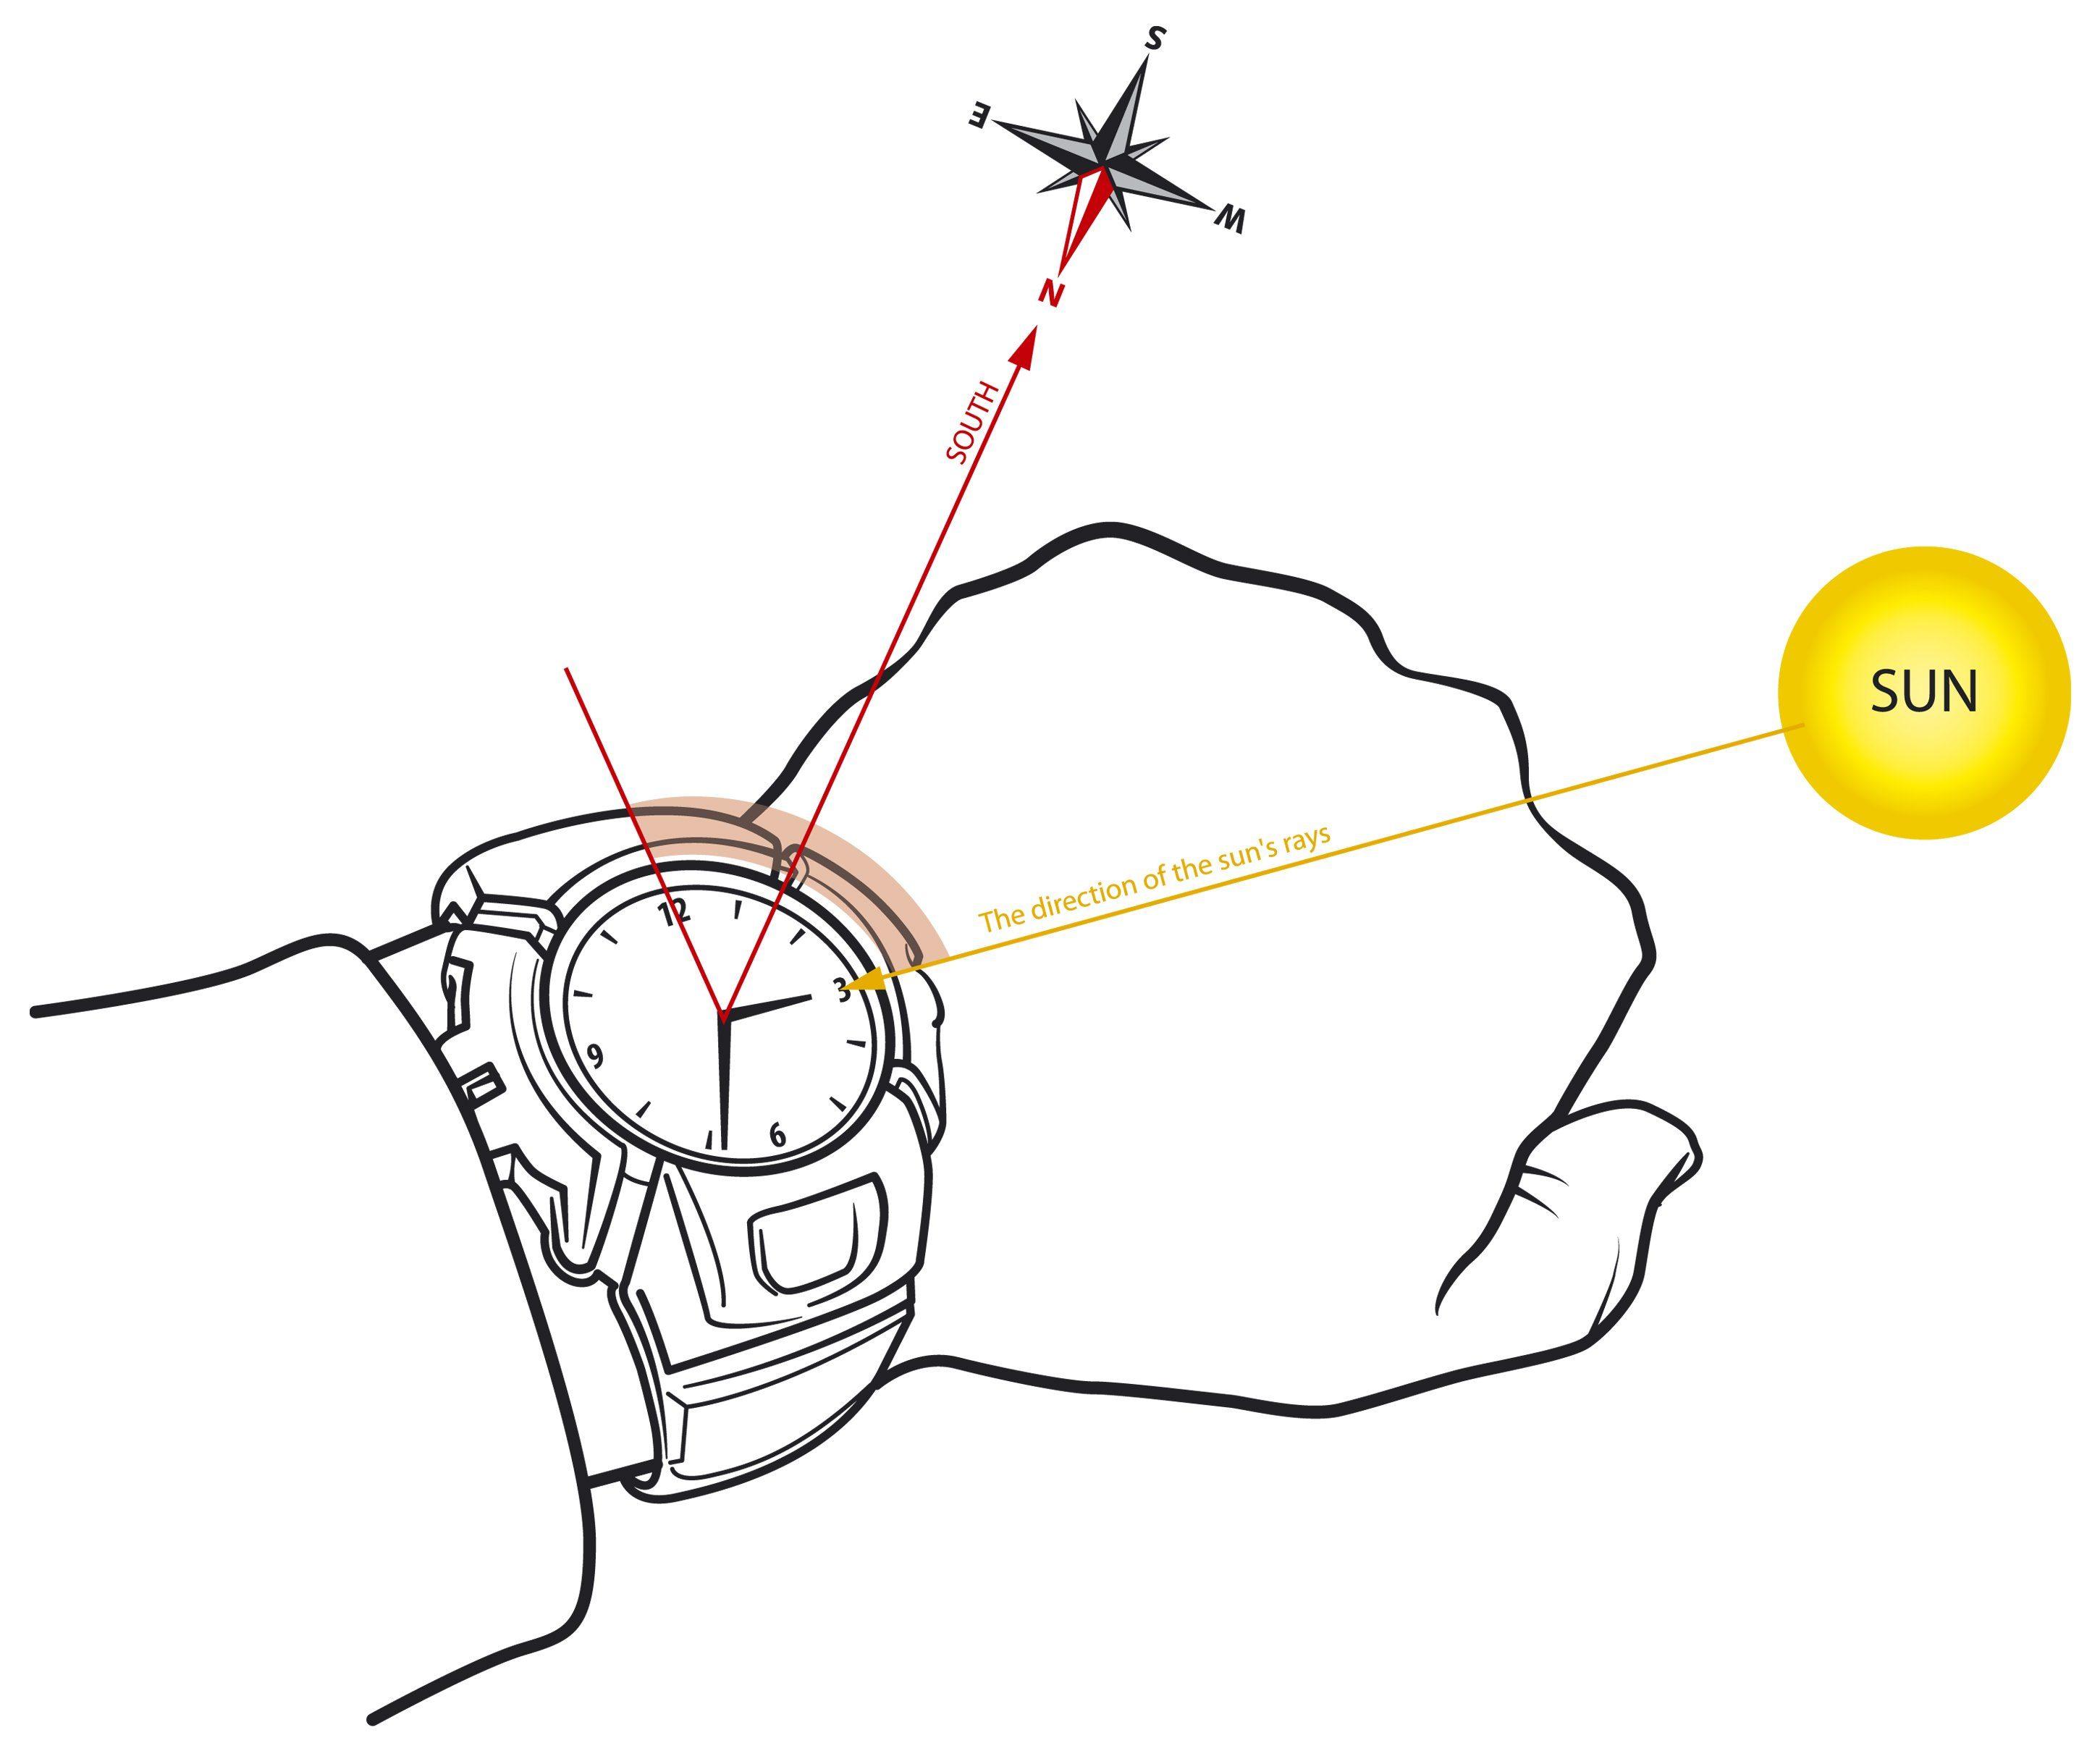 Orientarsi con l'orologio